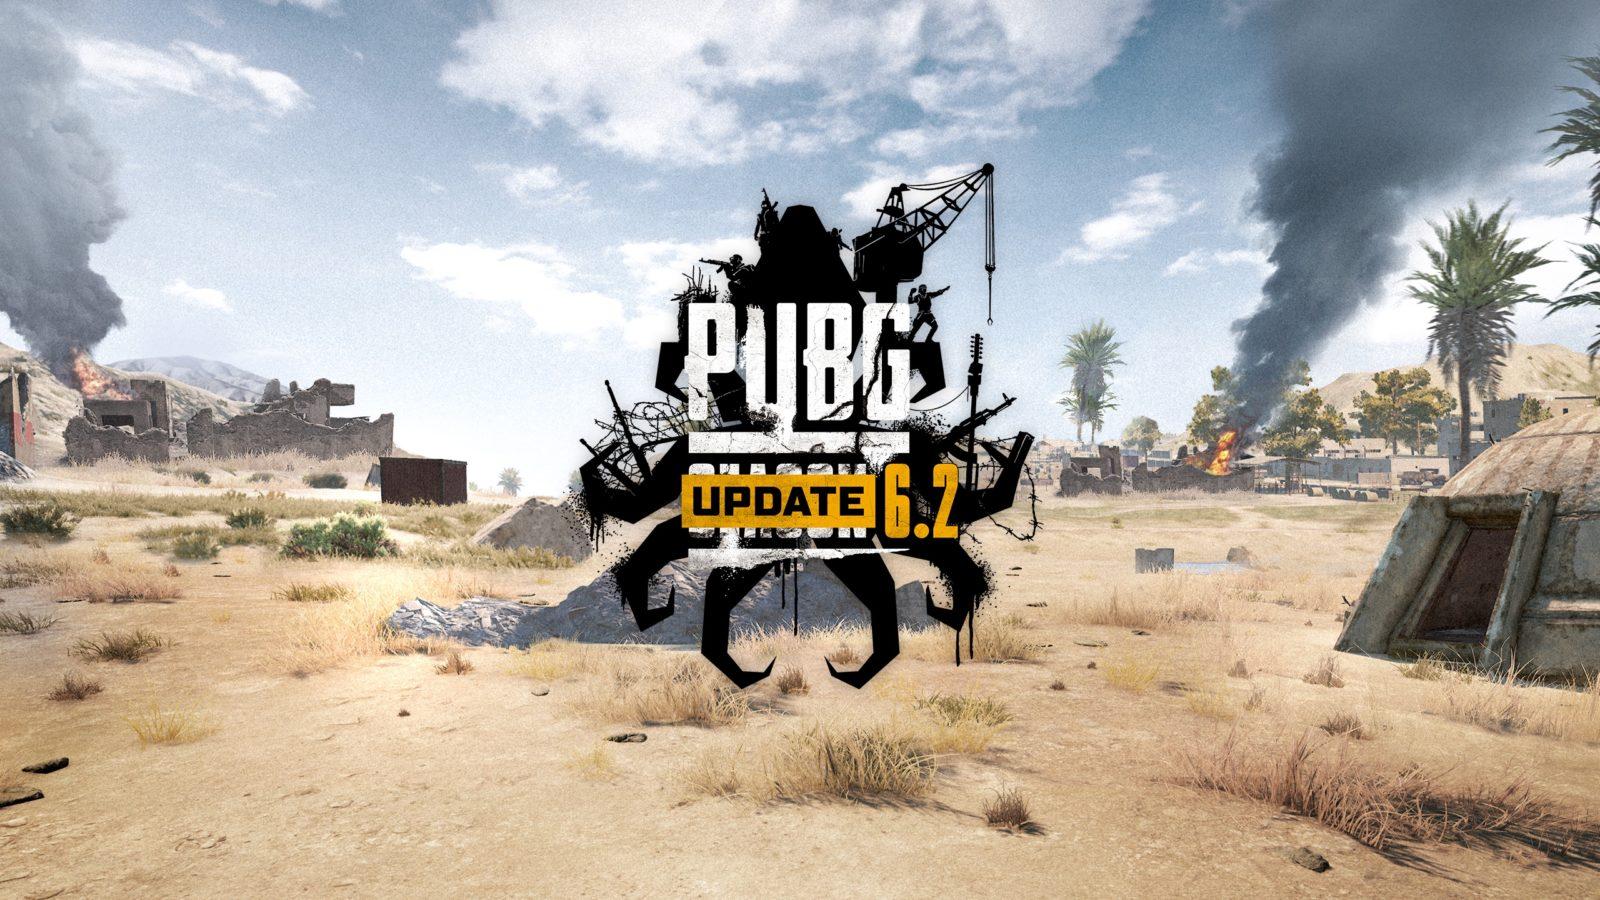 Обновление 6.2 PUBG уже на тестовом сервере — новый игровой режим командный бой насмерть, изменения в игровом процессе